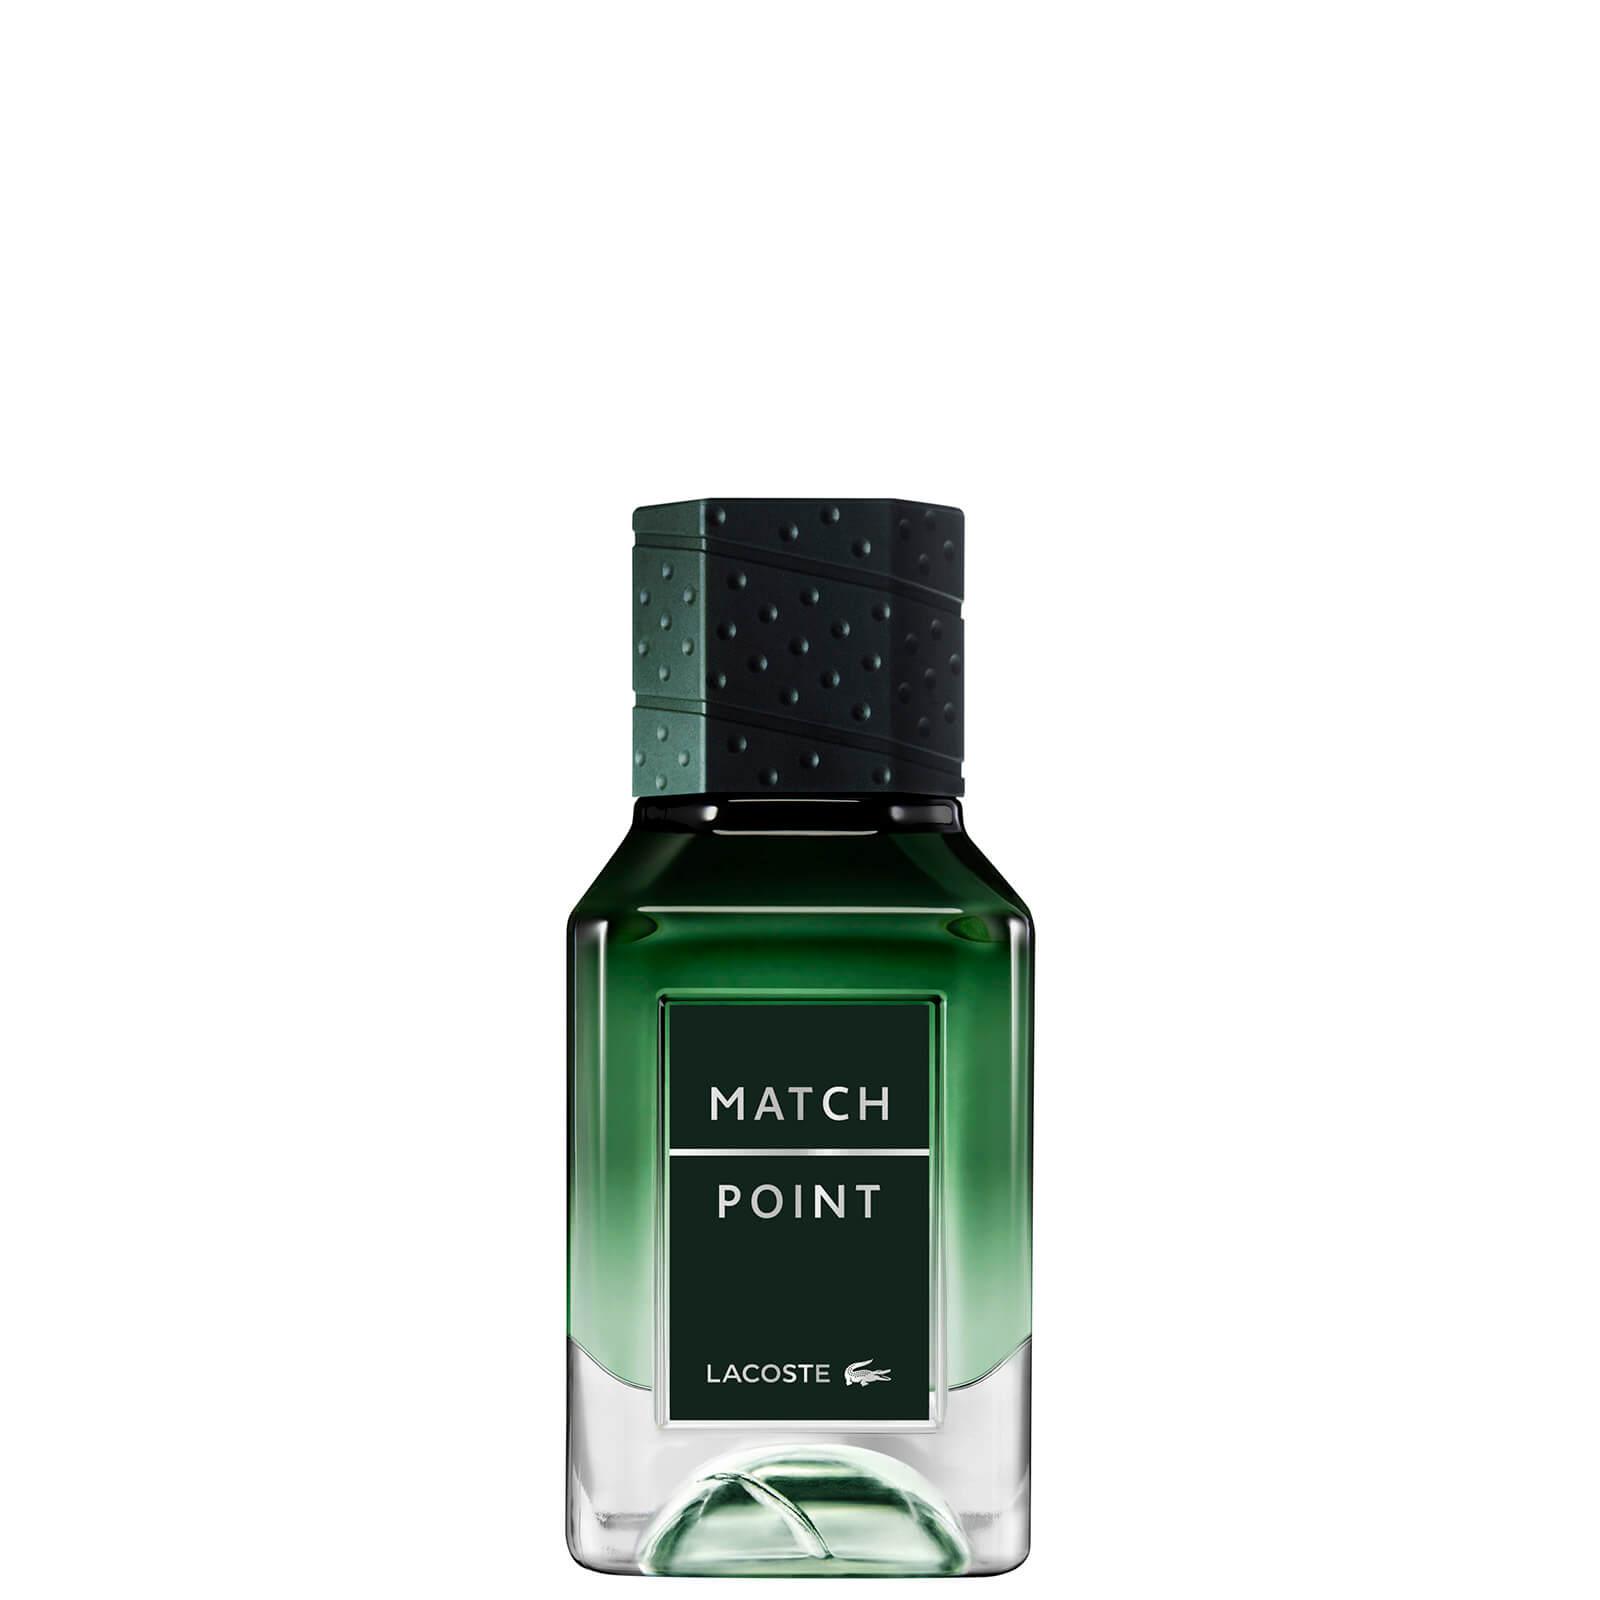 Lacoste Match Point Eau de Parfum for Men 30ml